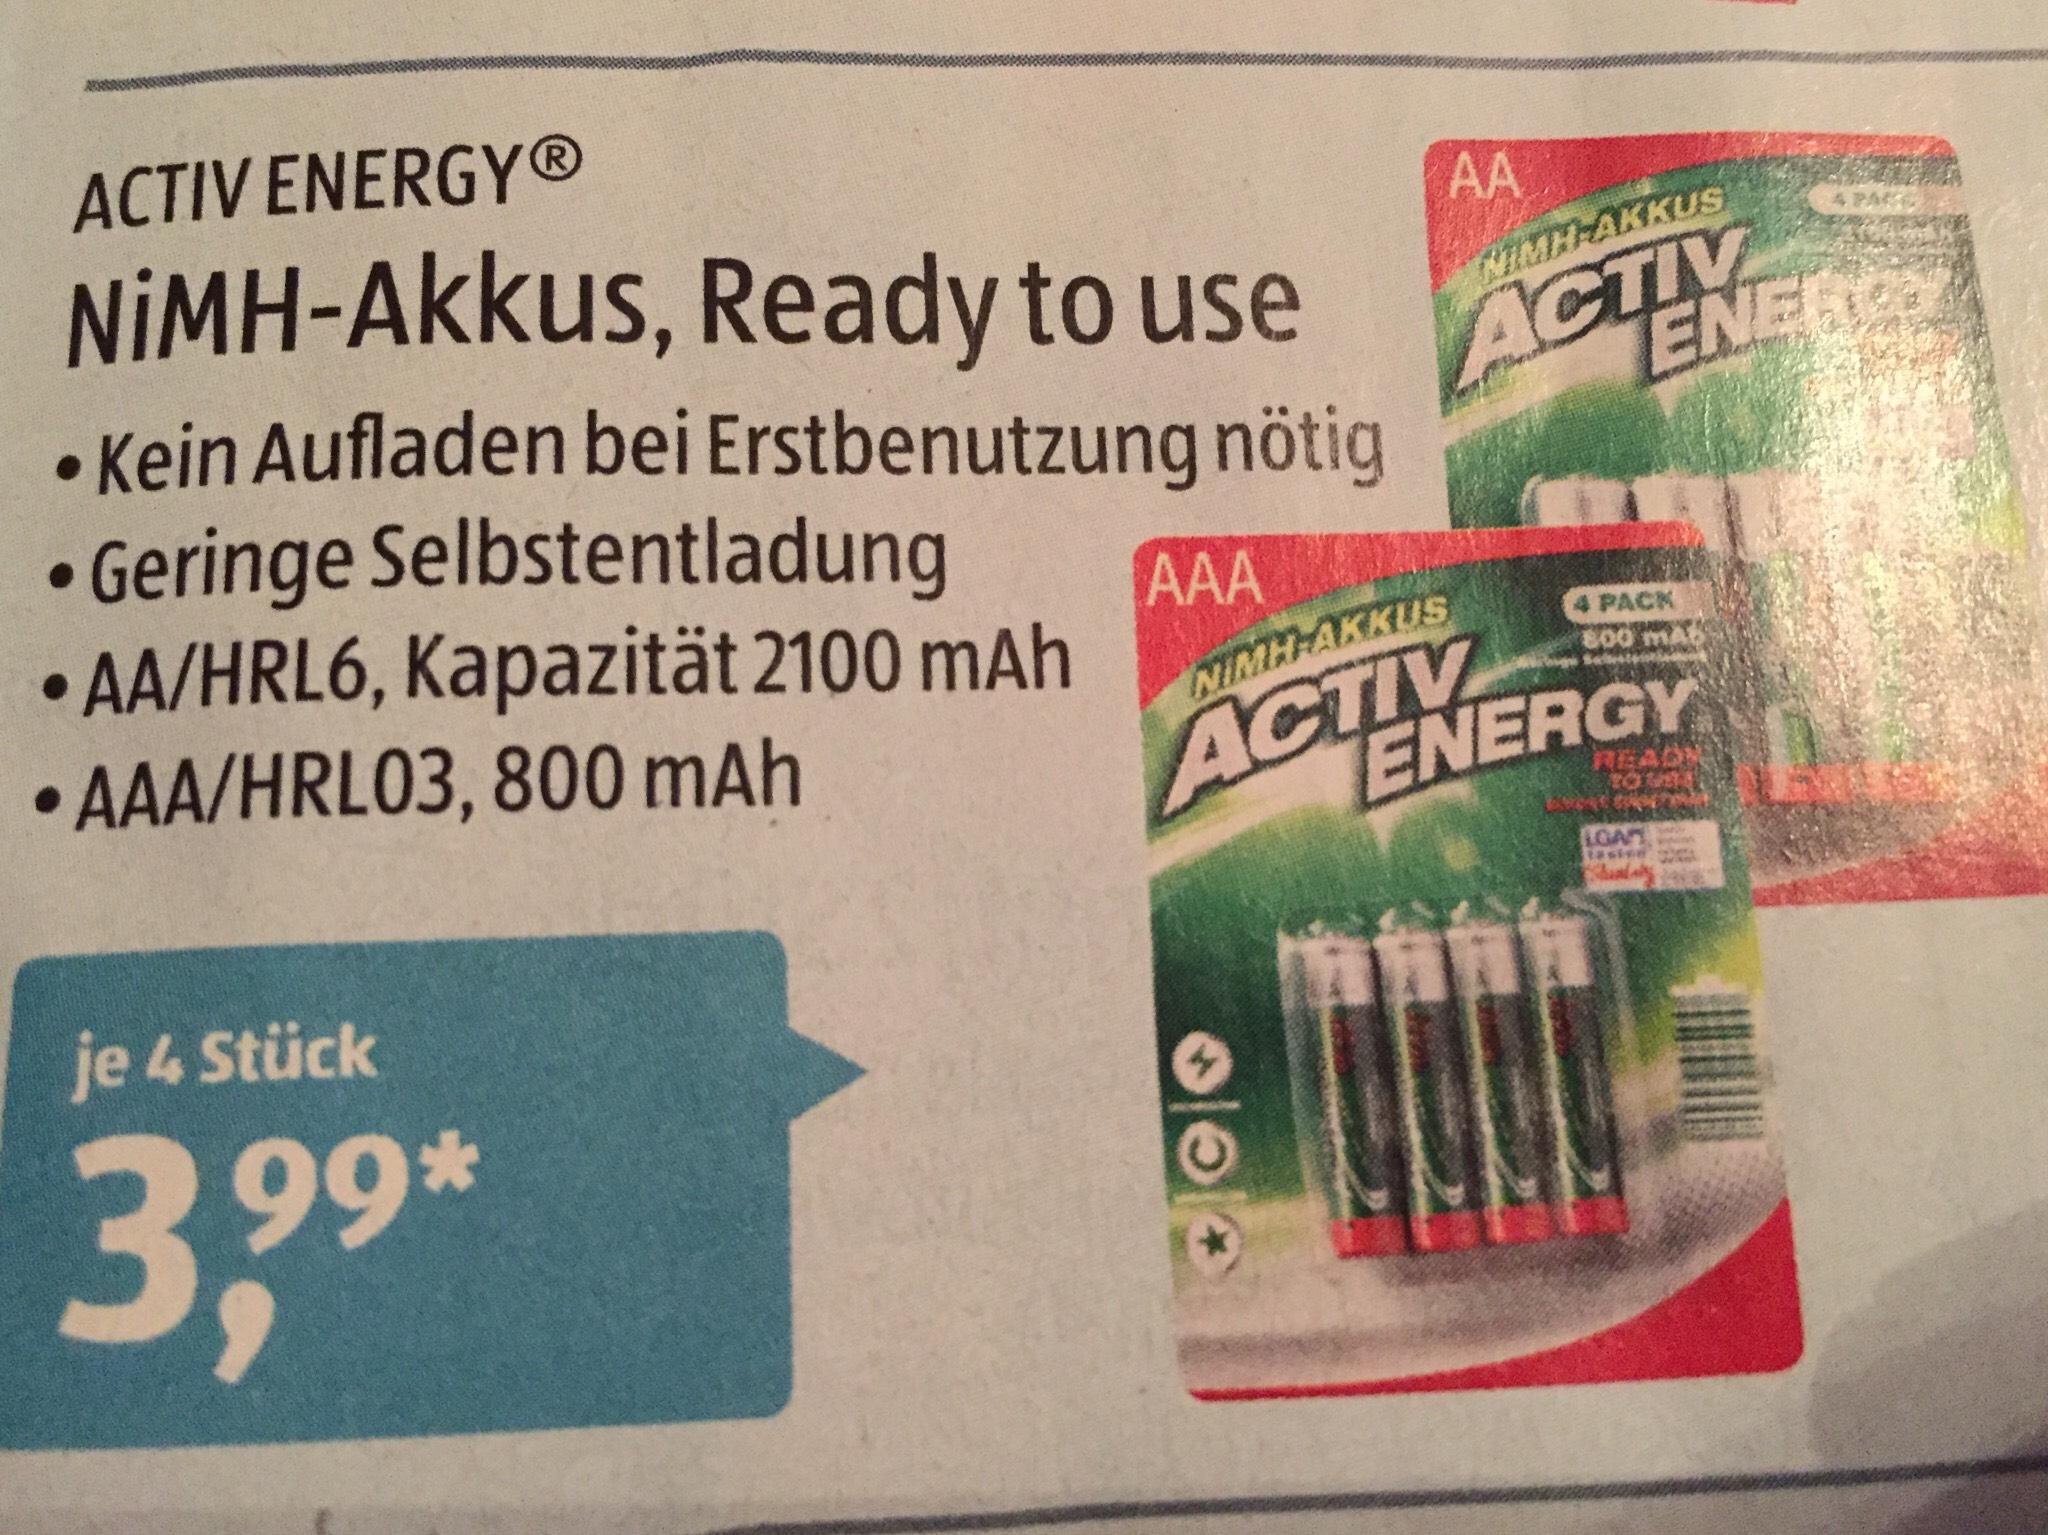 ( Aldi Süd ab 18.6 ) Activ Energy Nimh Akkus  AA/HRL6 2100mah AAA/Hrl03 mAh